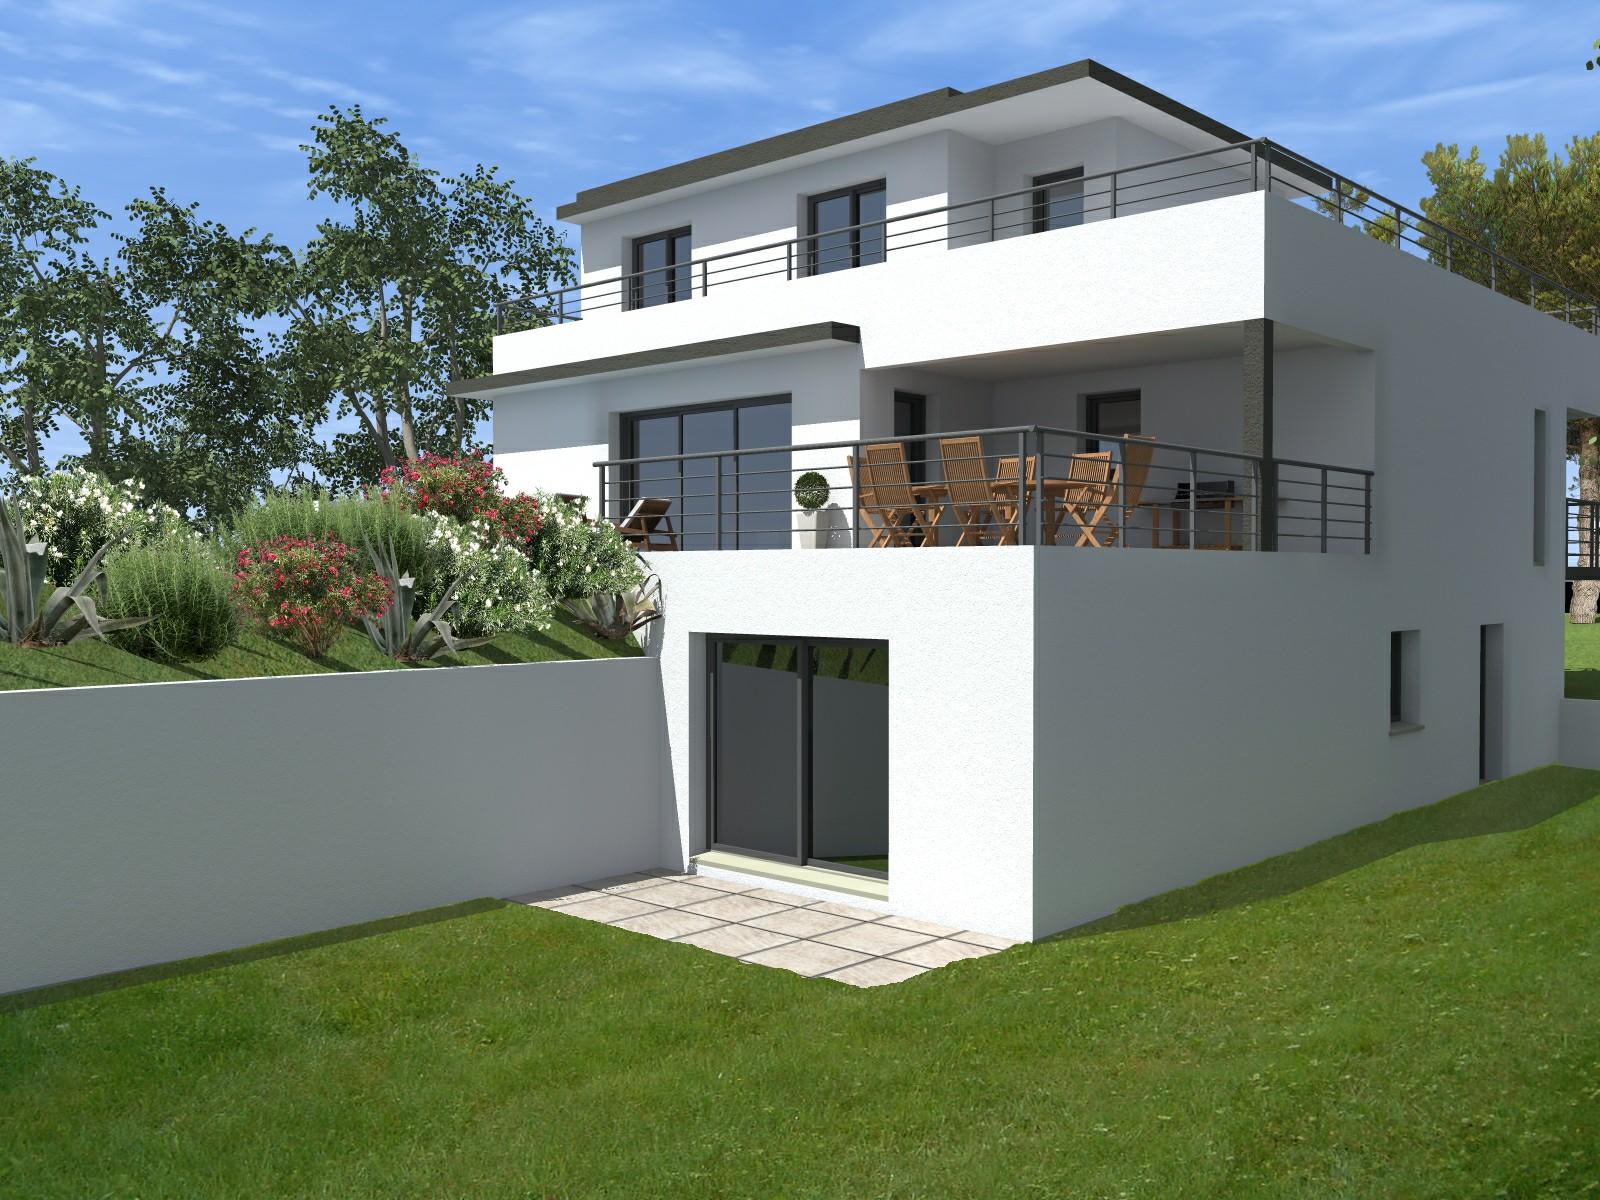 maison moderne 250m2. Black Bedroom Furniture Sets. Home Design Ideas